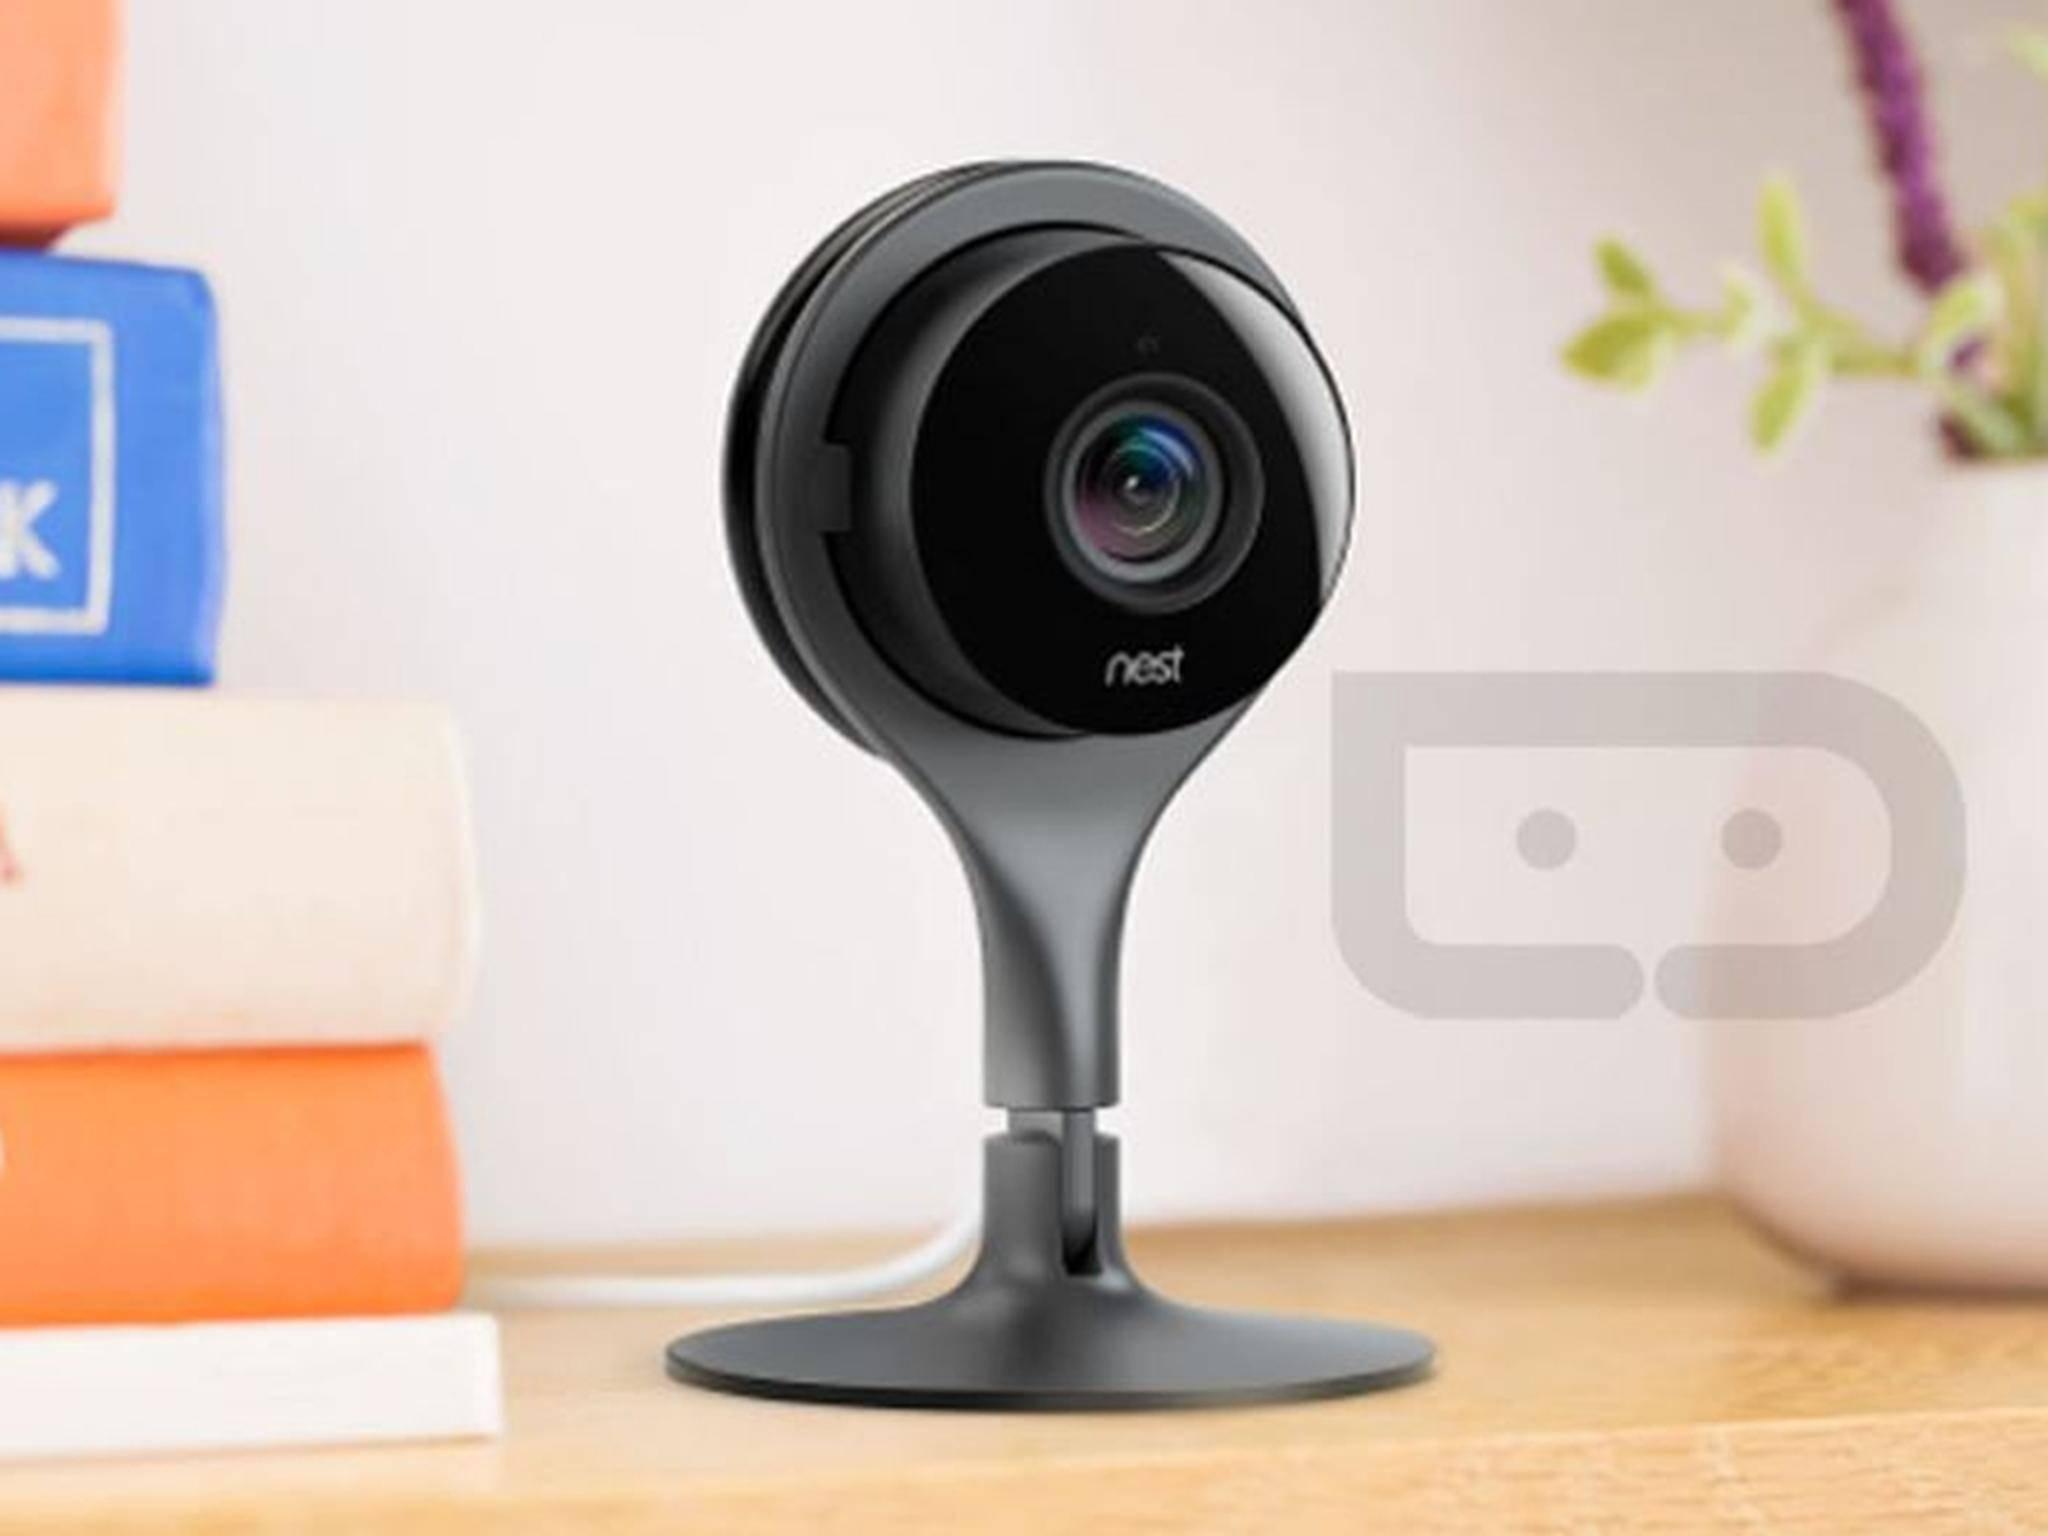 Geleaktes Bild: Präsentiert Nest demnächst eine WLAN-Kamera?